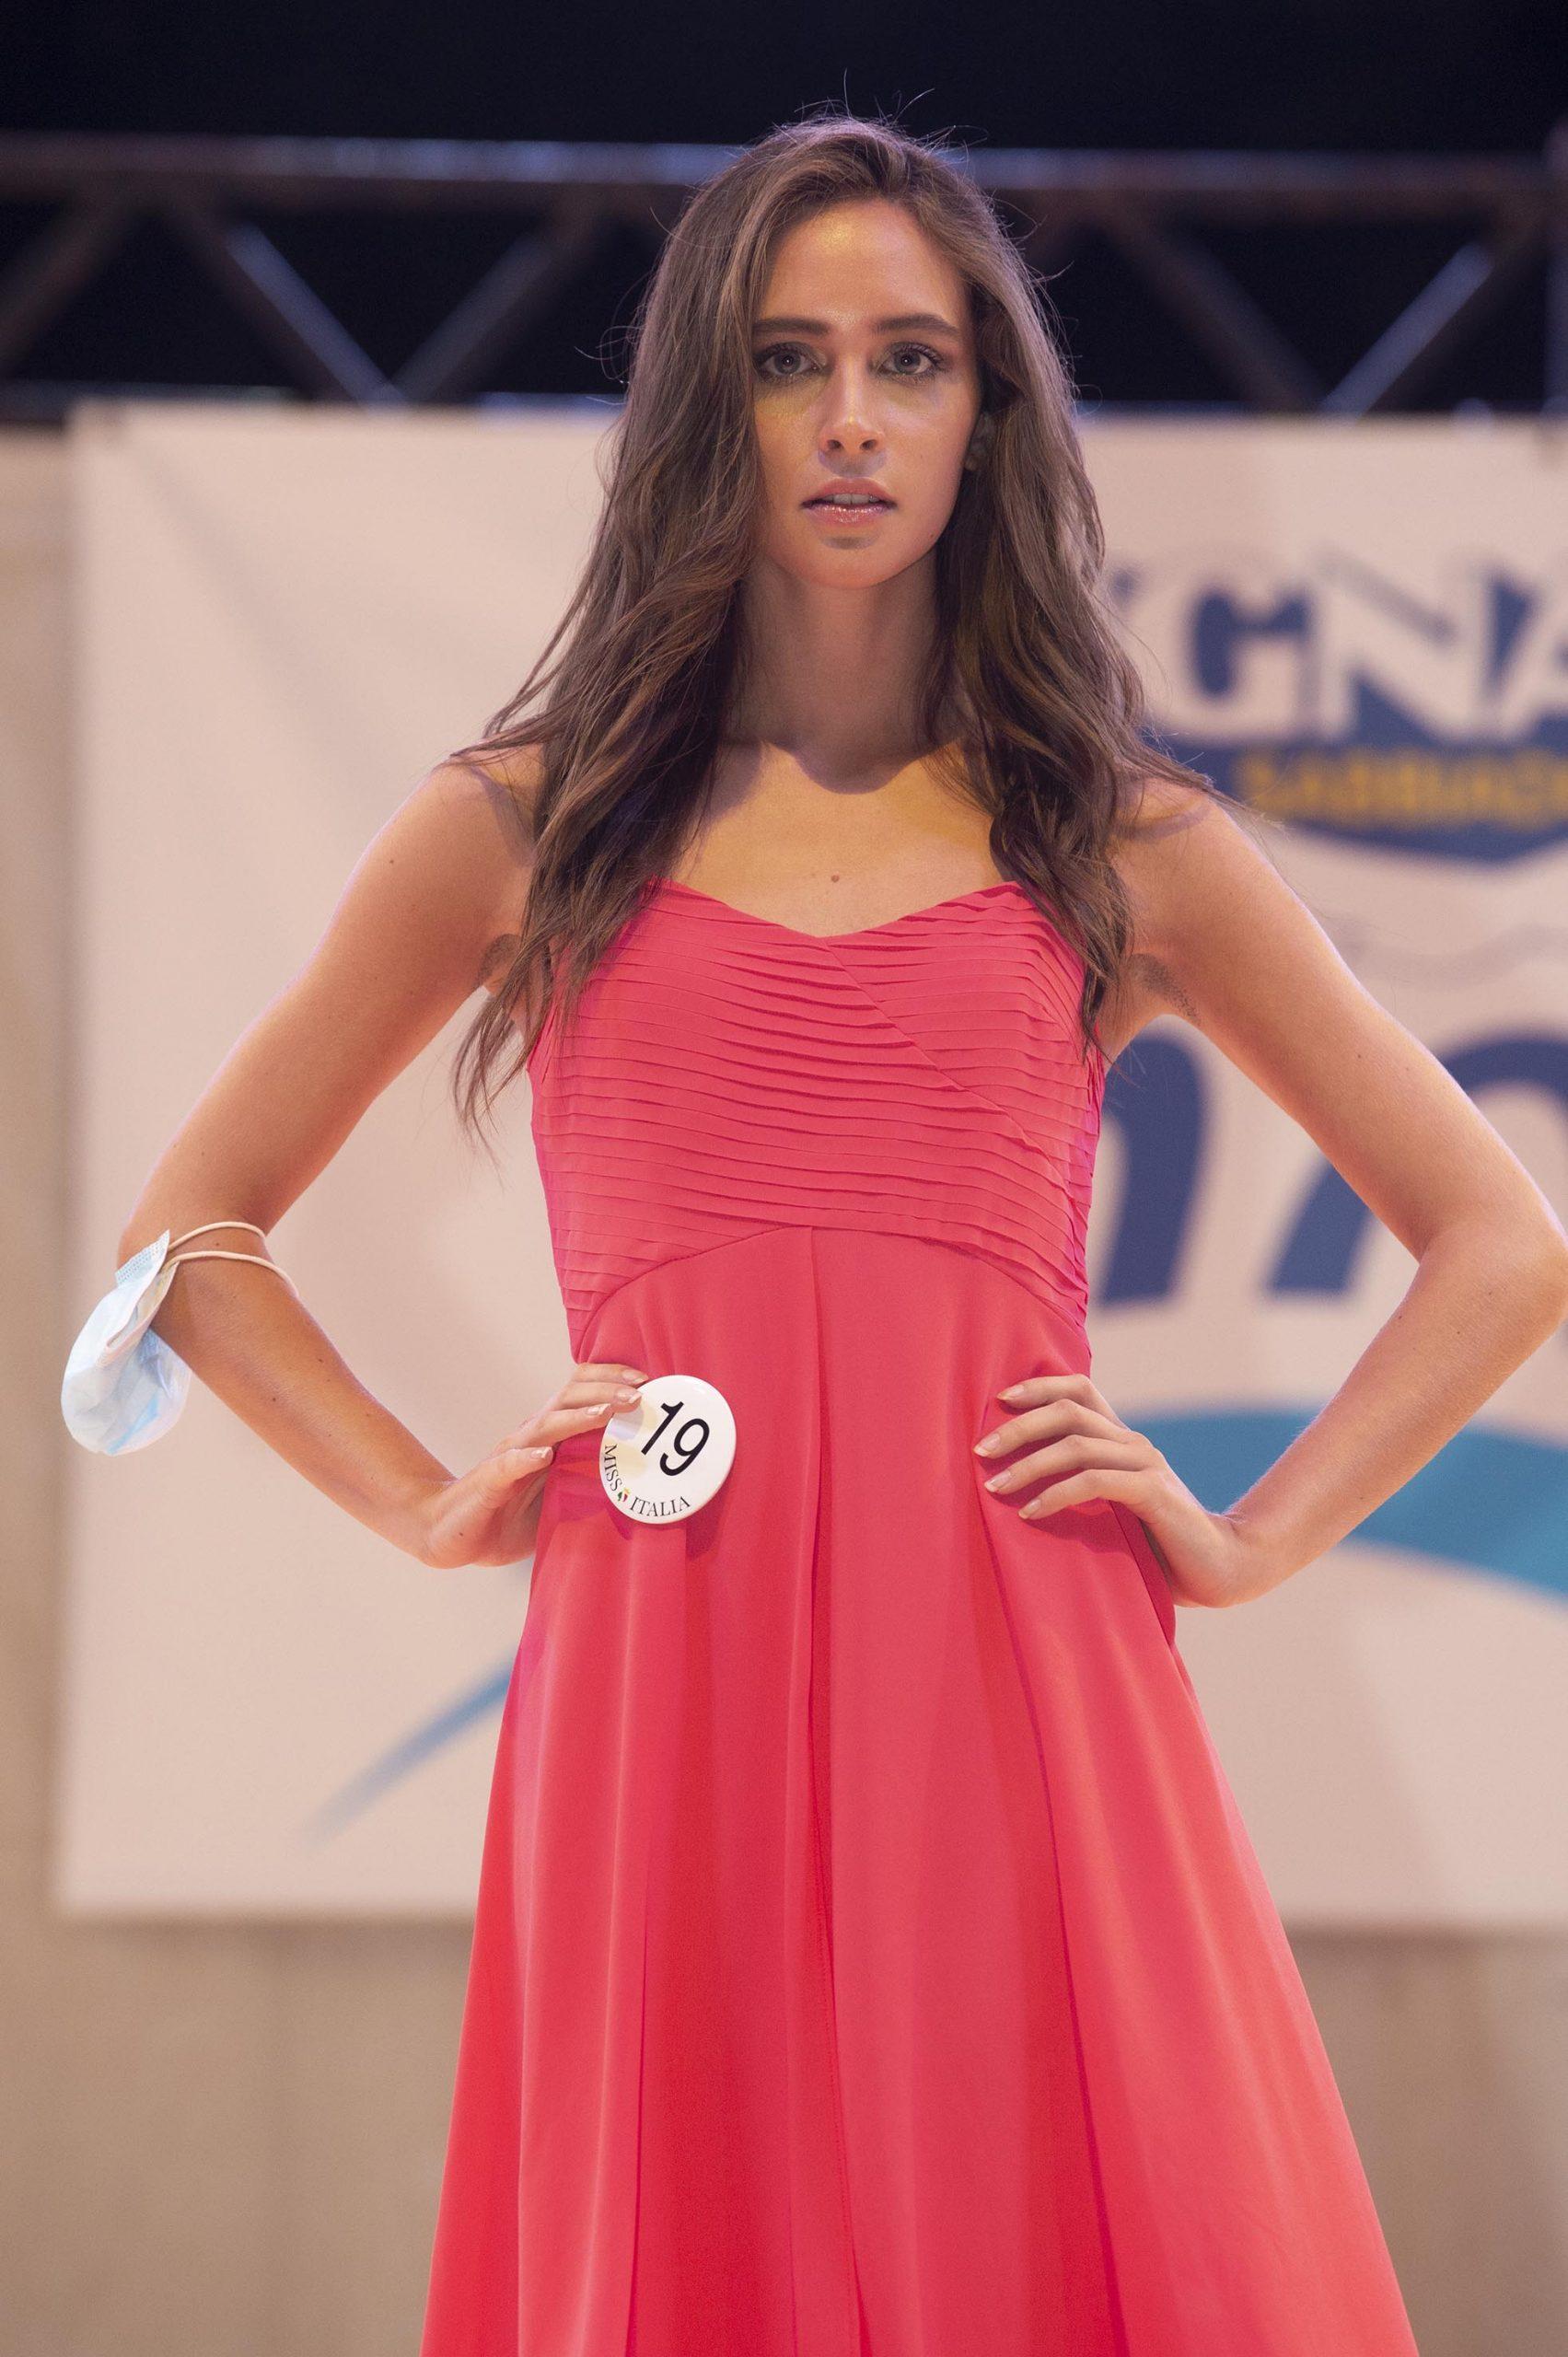 Erika Rebbelato - Miss Sport Friuli Venezia Giulia 2